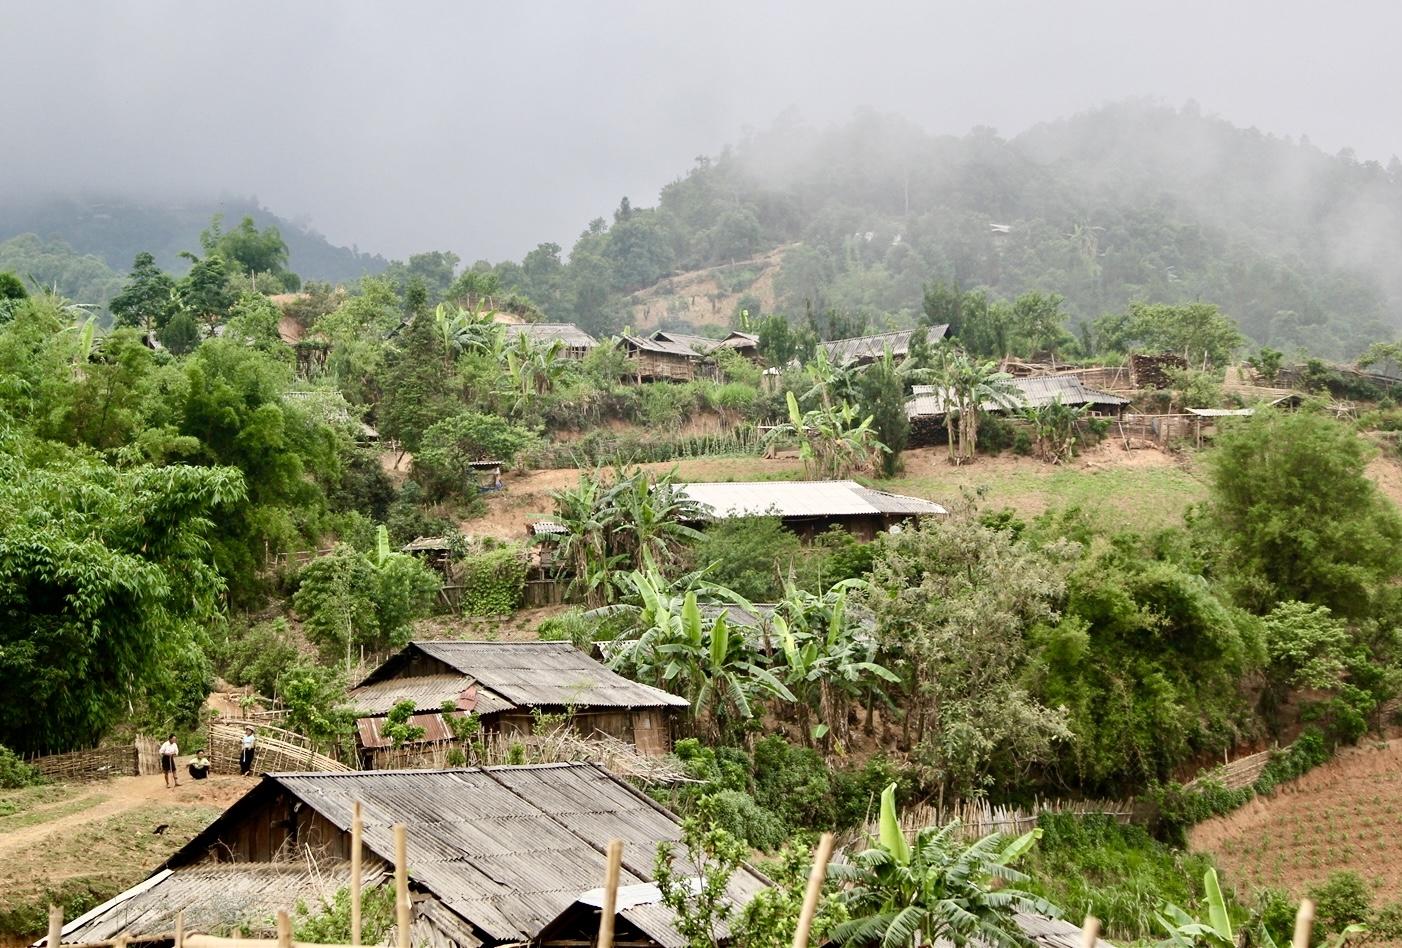 Thói quen xây nhà ở ven đồi của người dân tiềm ấn nguy cơ sạt lở